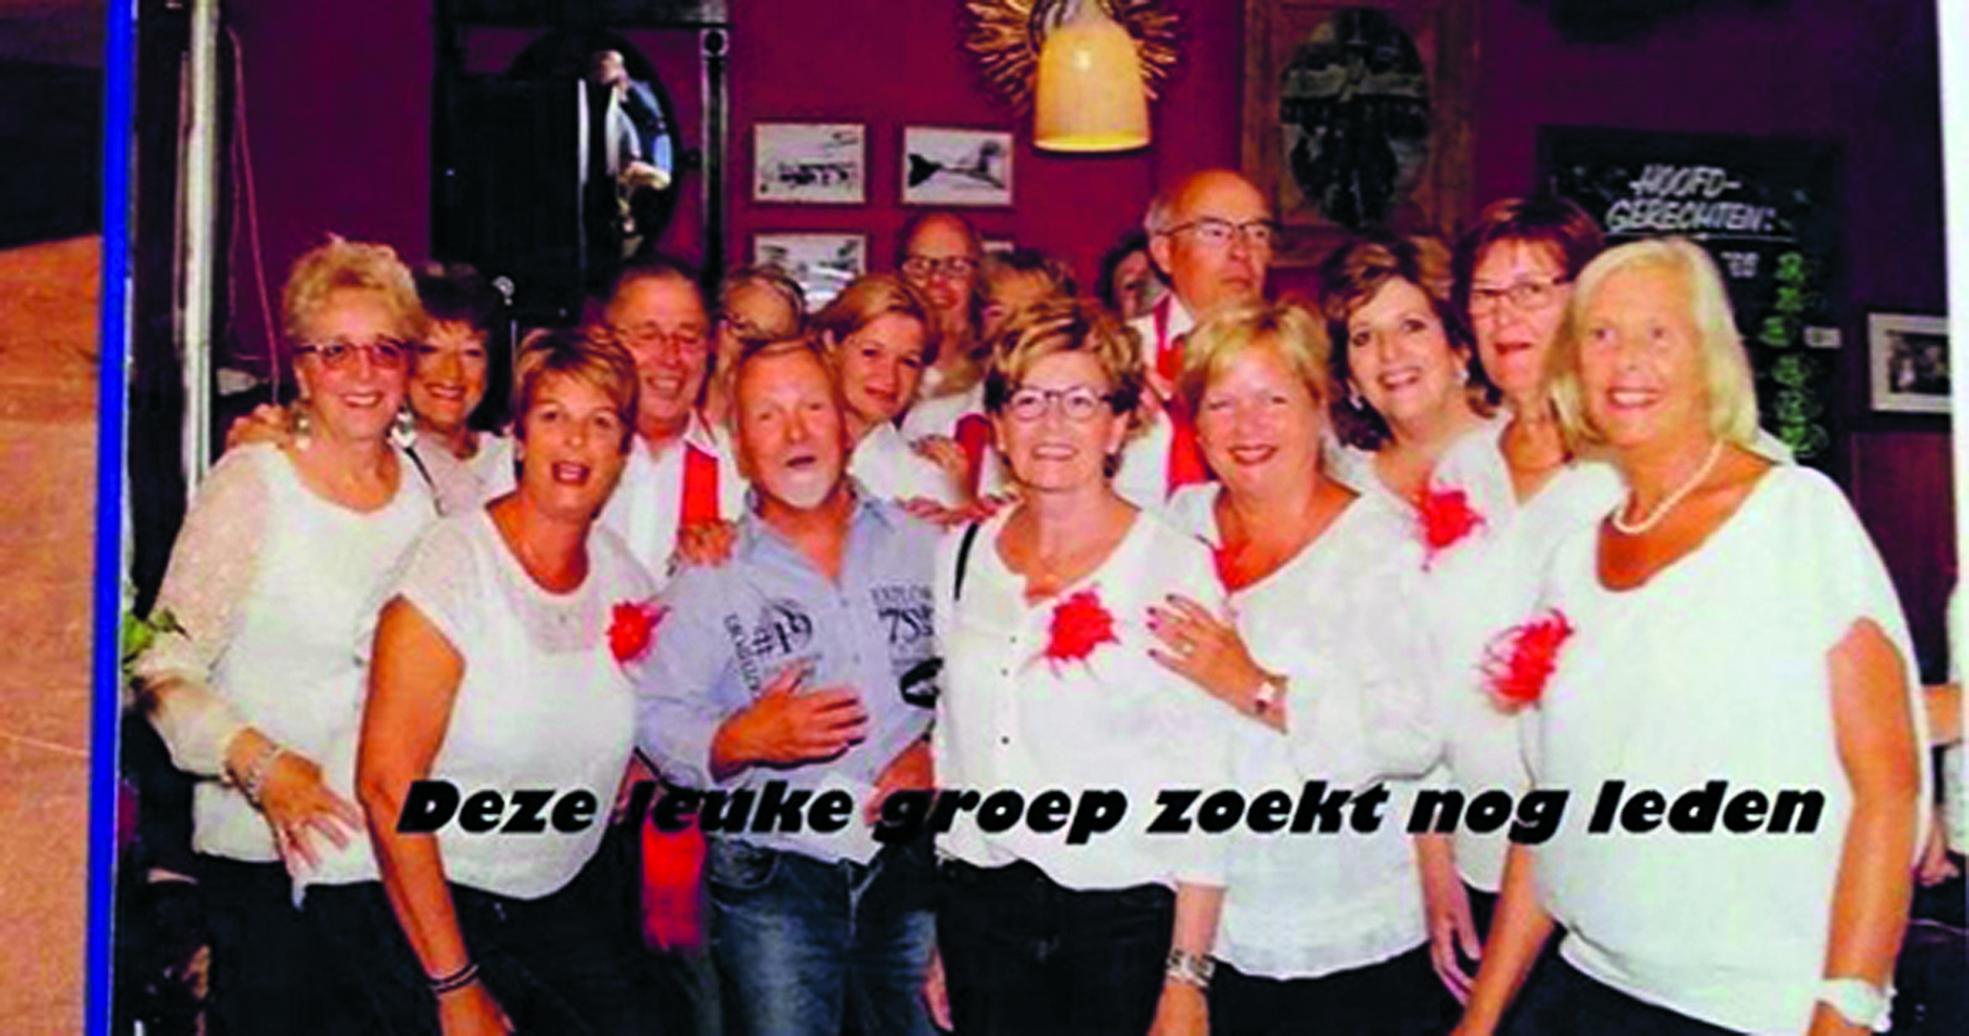 Het koor Puur#Hollands is op zoek naar nieuwe leden. (foto aangeleverd)